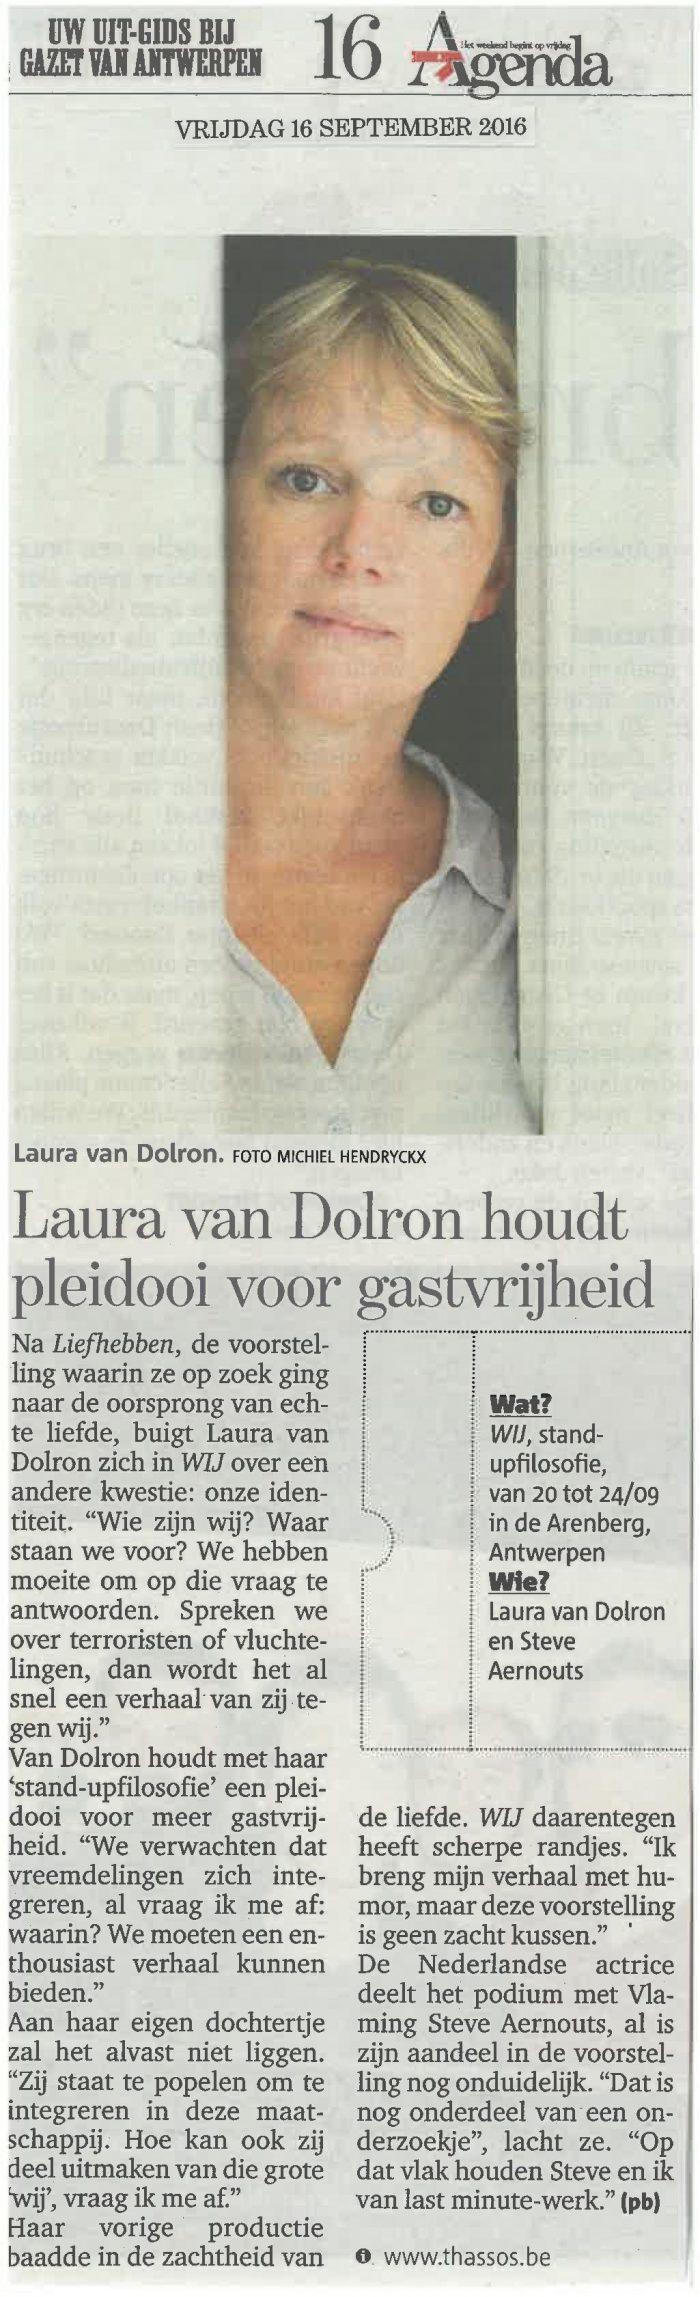 aankondiging_wij_gazet_van_antwerpen_c_peter_briers-page-001